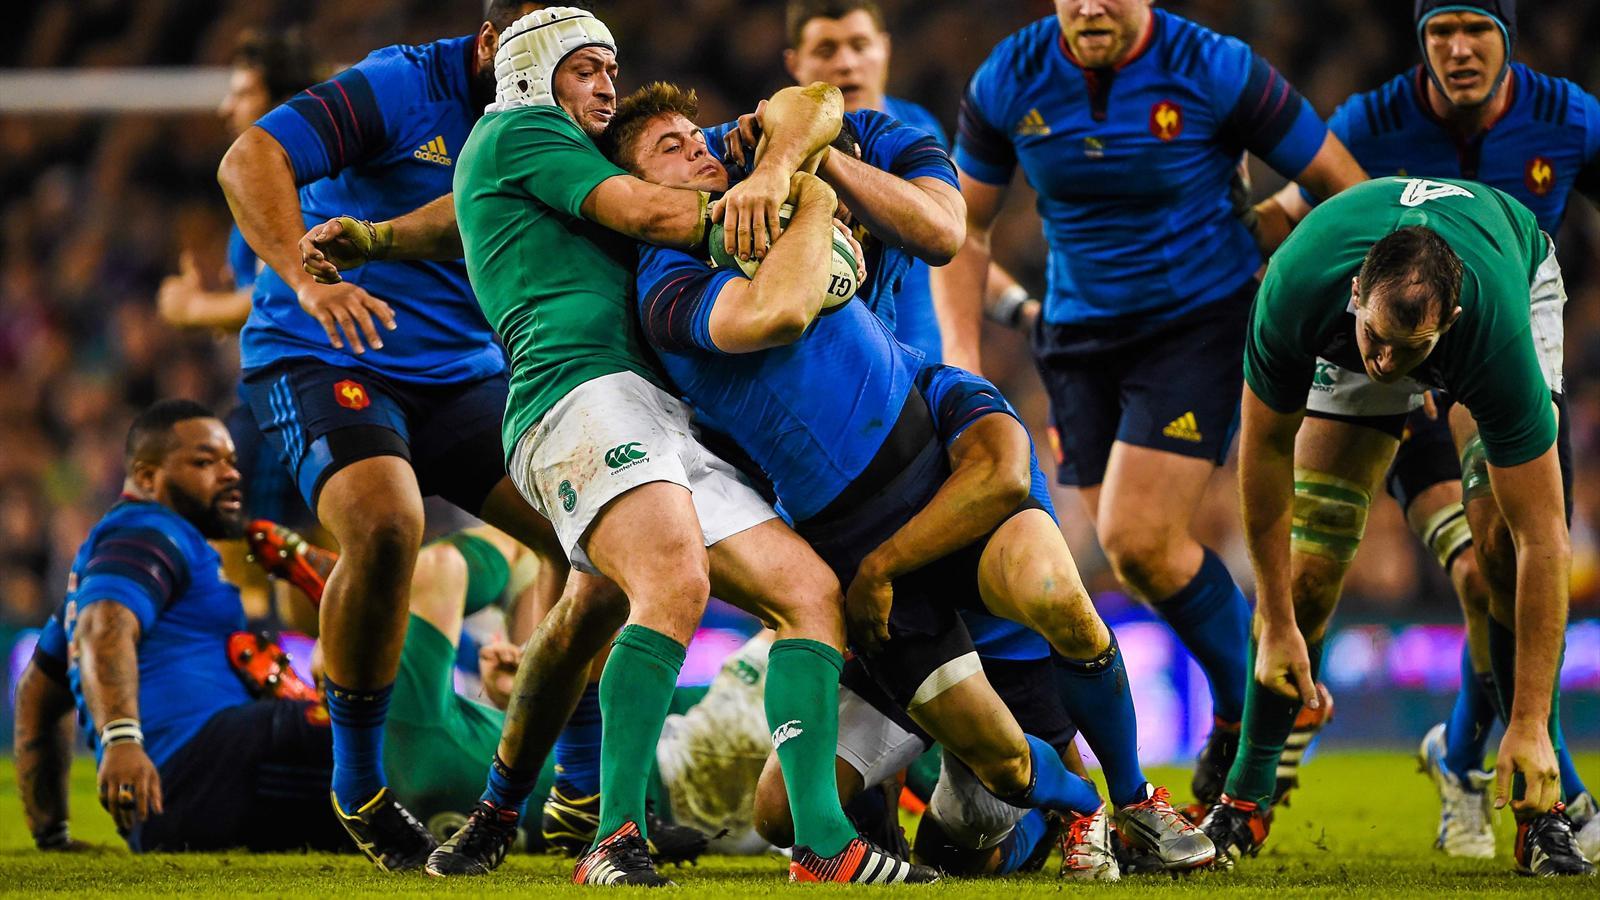 Coupe du monde 2015 vers un bras de fer franco irlandais - Poules de la coupe du monde de rugby 2015 ...